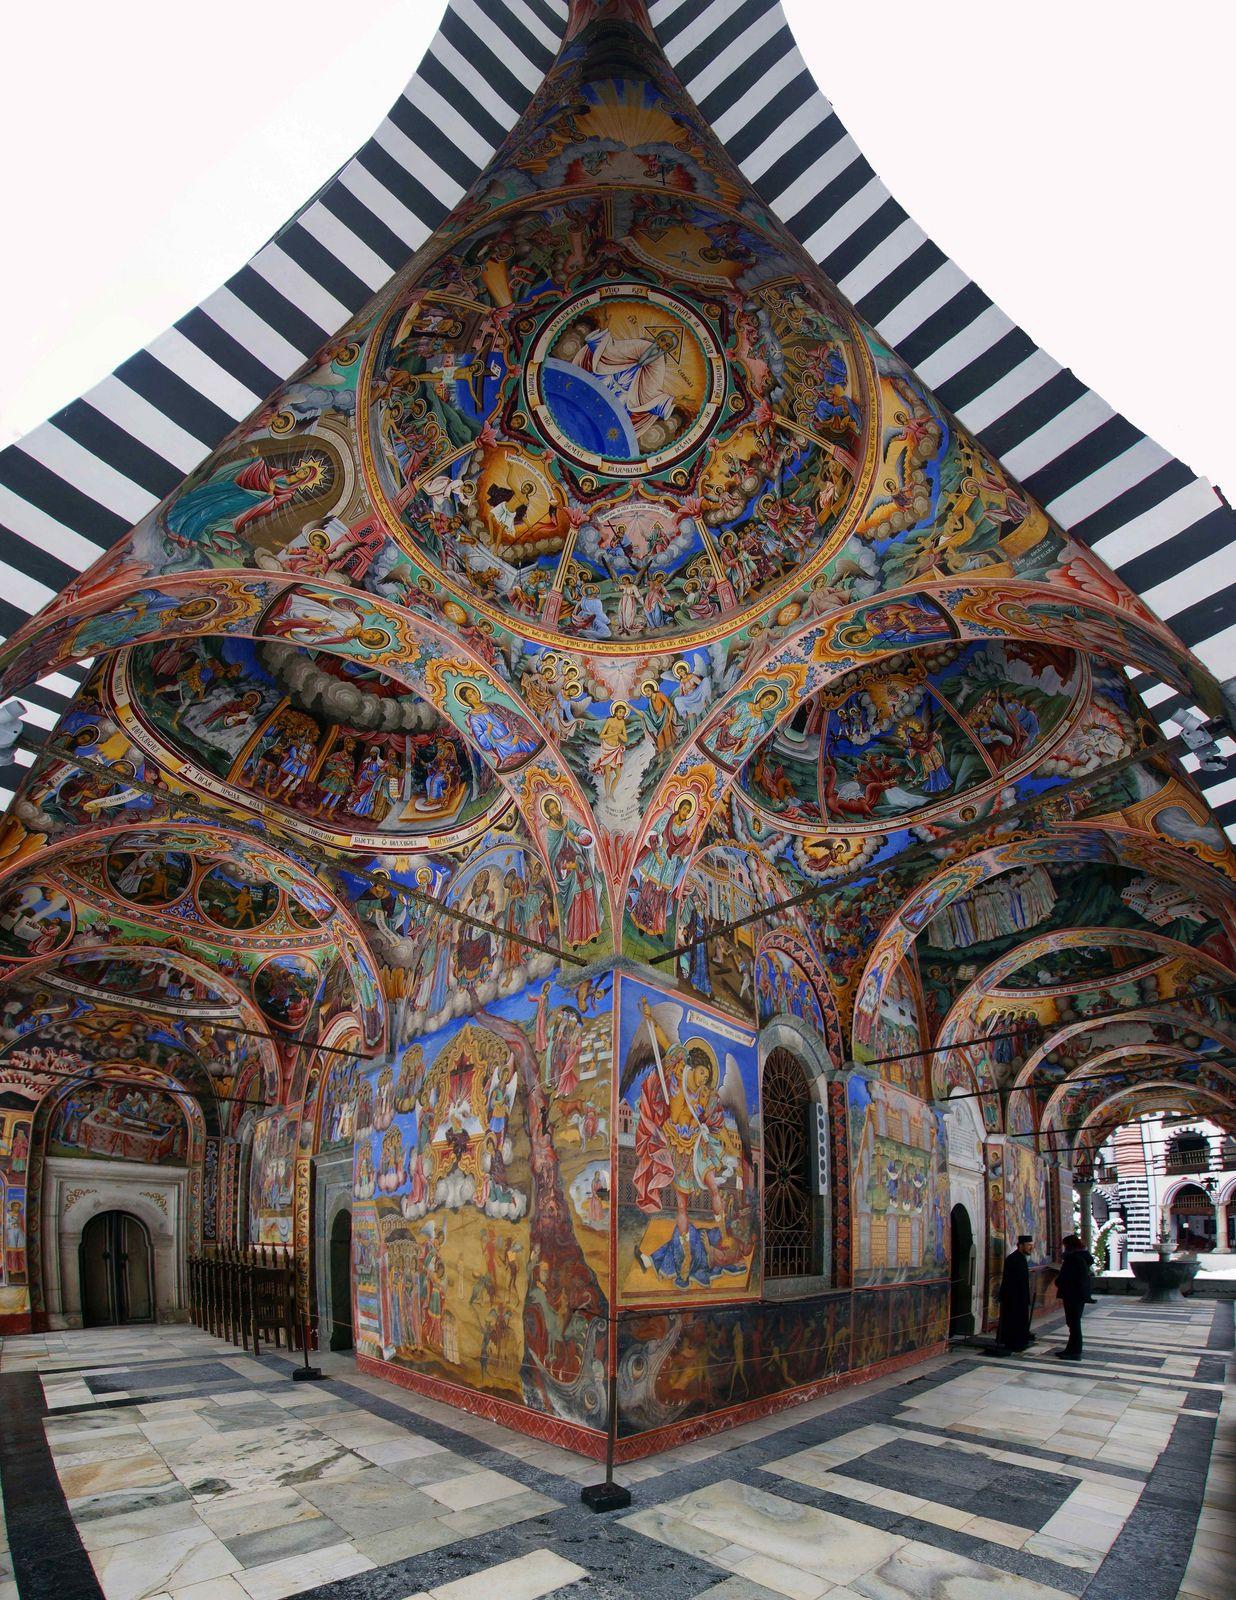 """Monasterio de Rila: """"Pasando a través de las enormes puertas del monasterio por primera vez, es uno de los momentos especiales de la vida: la escena cambia de intensidad de color gris a un carnaval de colores"""" Bulgaria"""